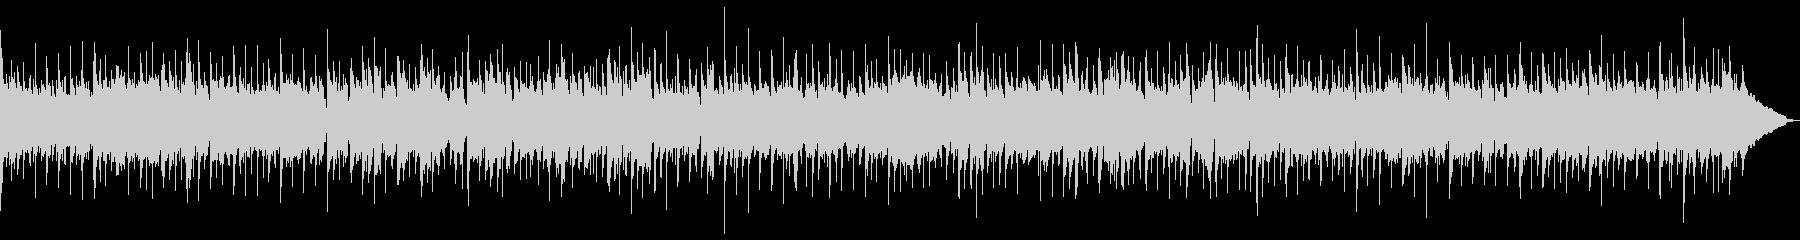 カントリー風の未再生の波形